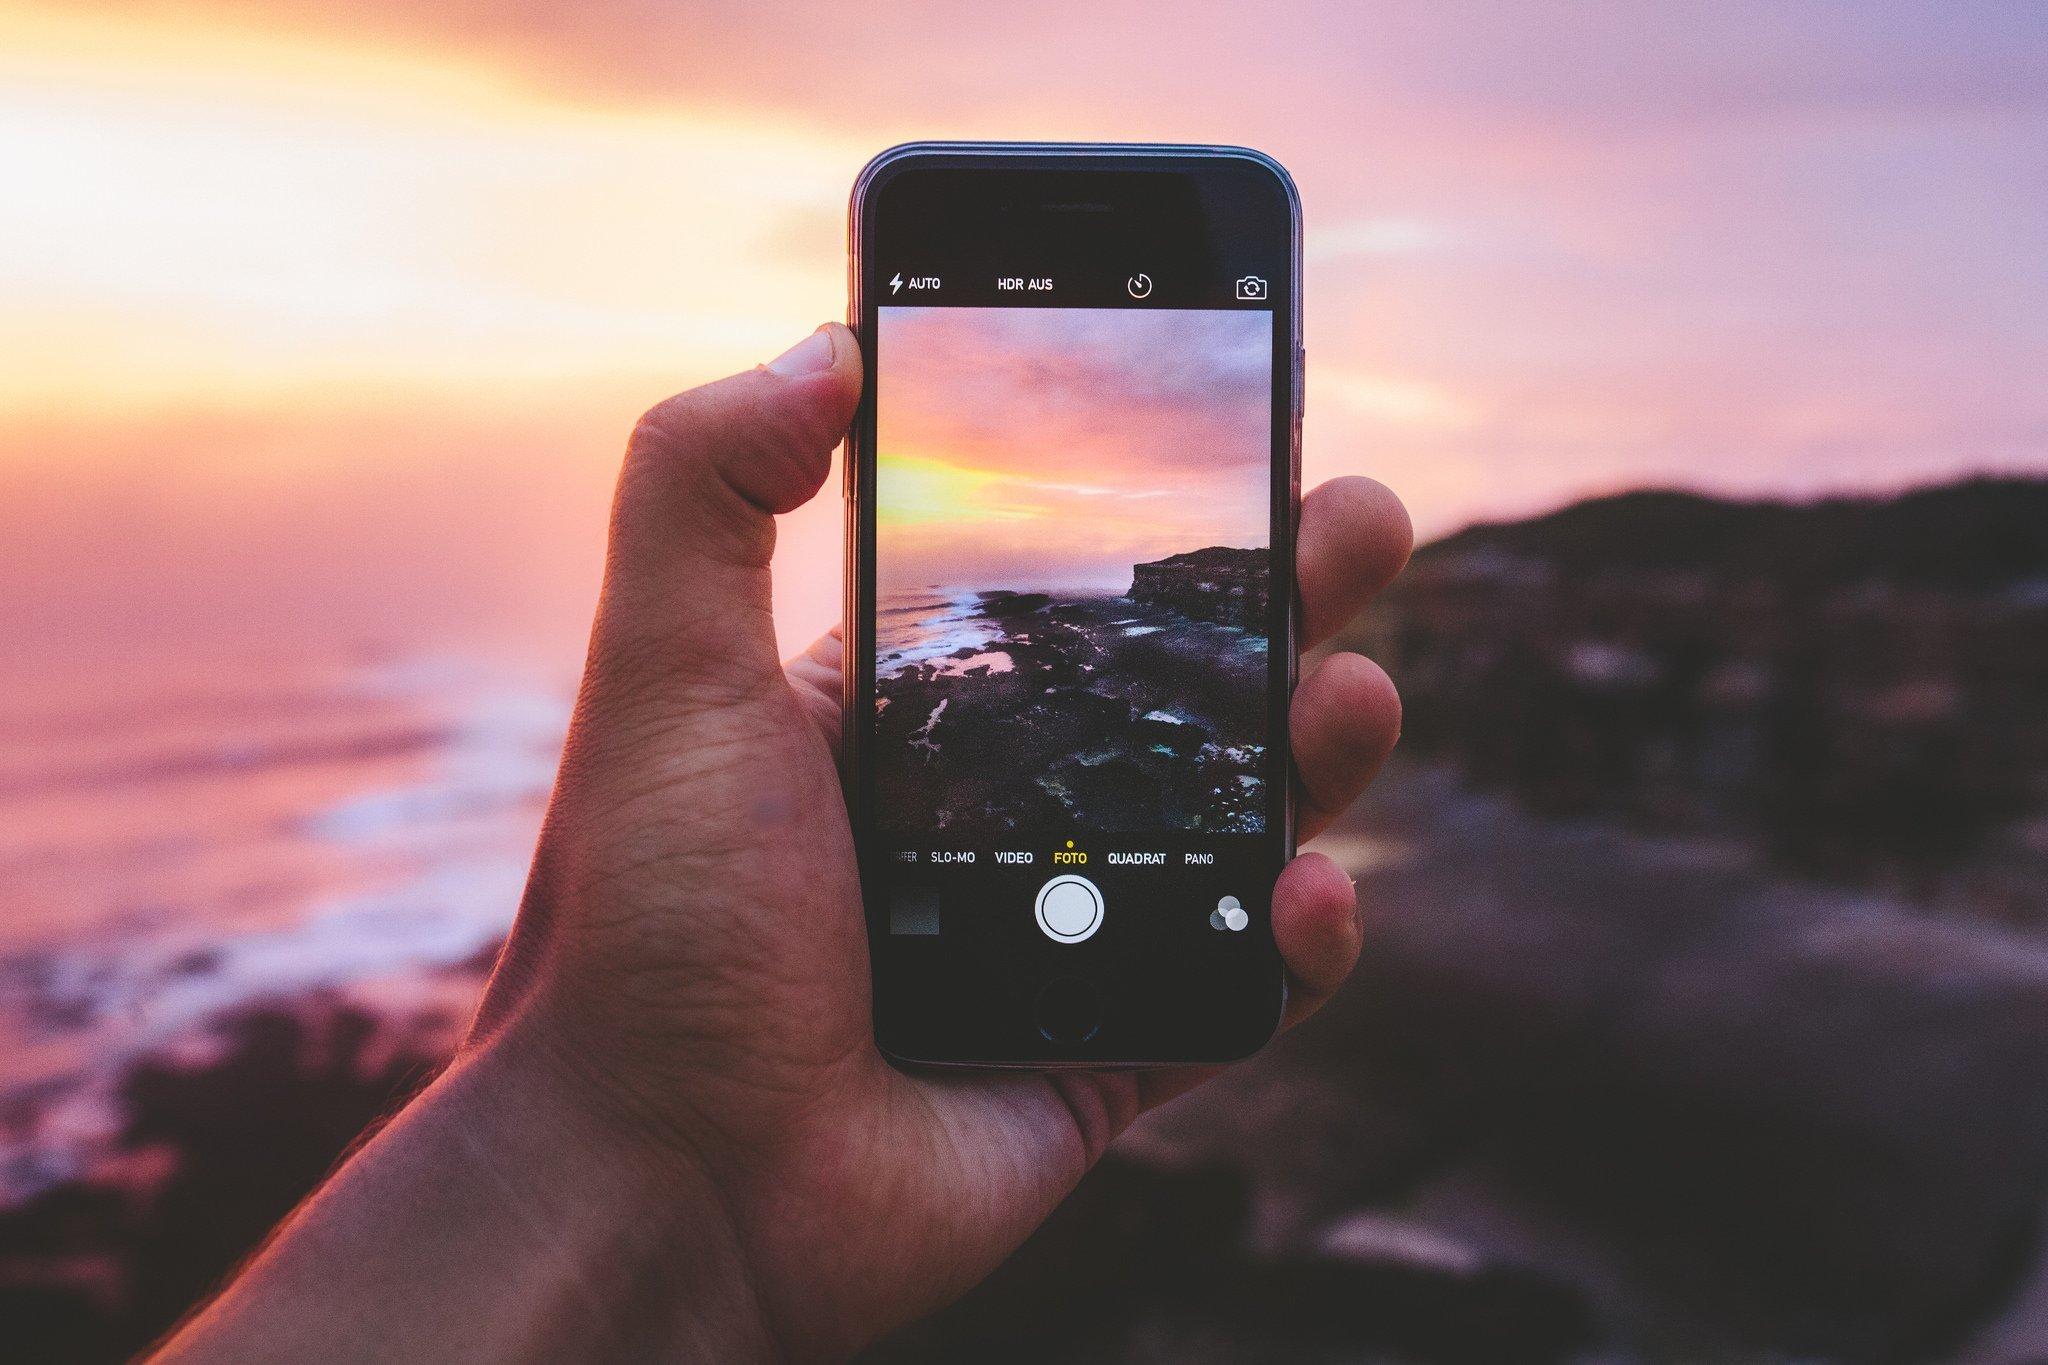 как отключить лайв фото на айфоне